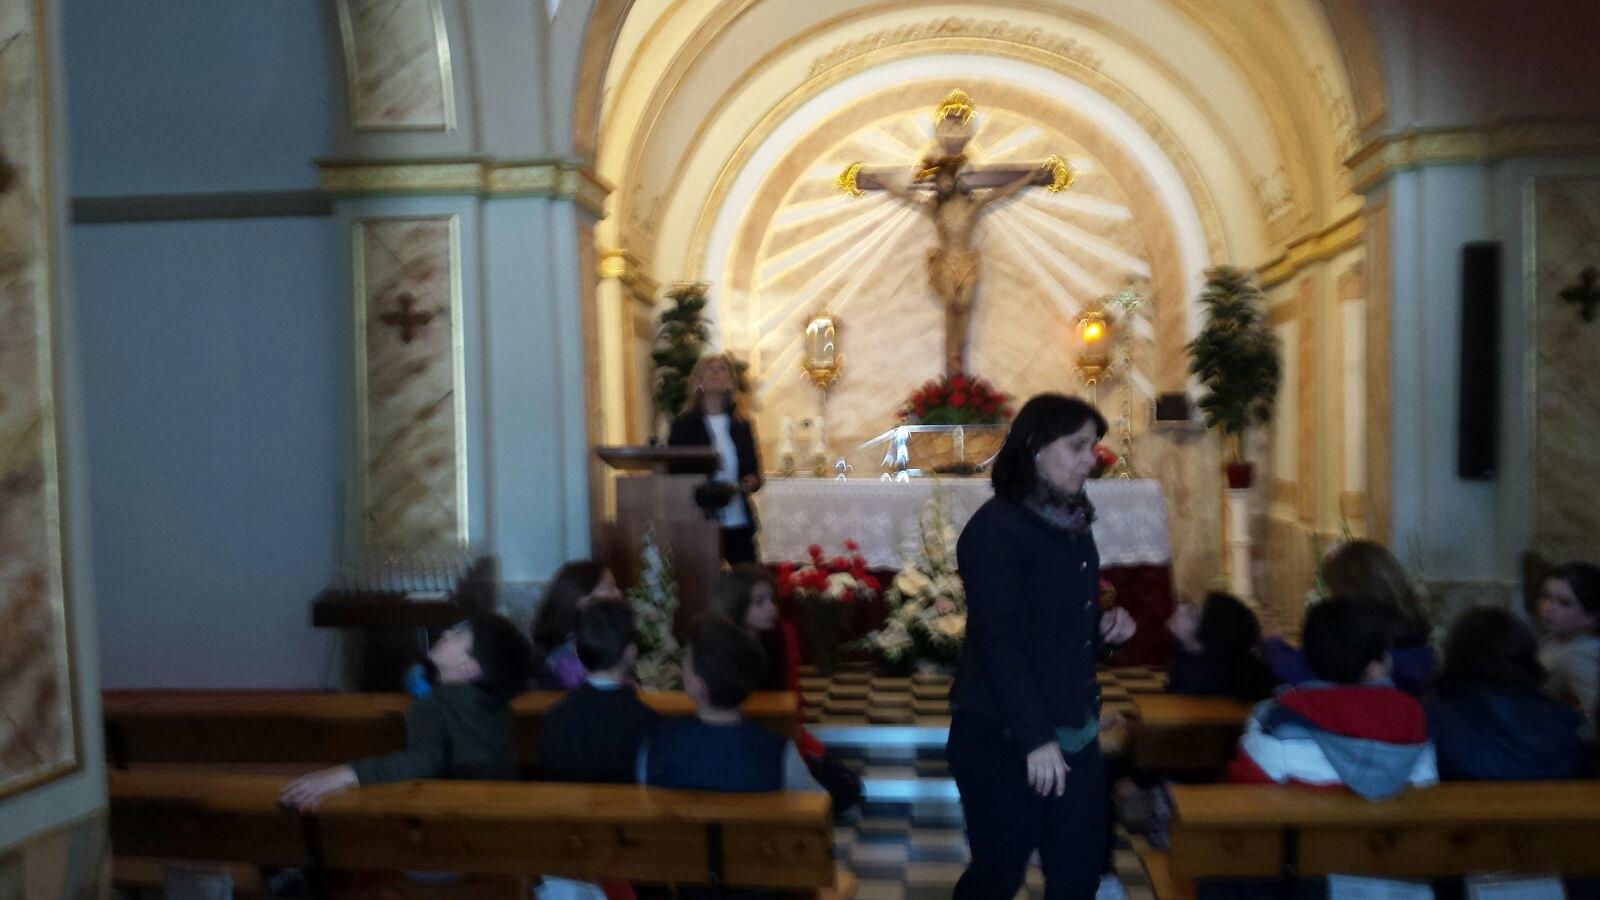 (2018-03-16) - Visita ermita alumnos Laura,3ºB, profesora religión Reina Sofia - Marzo -  María Isabel Berenguer Brotons (12)